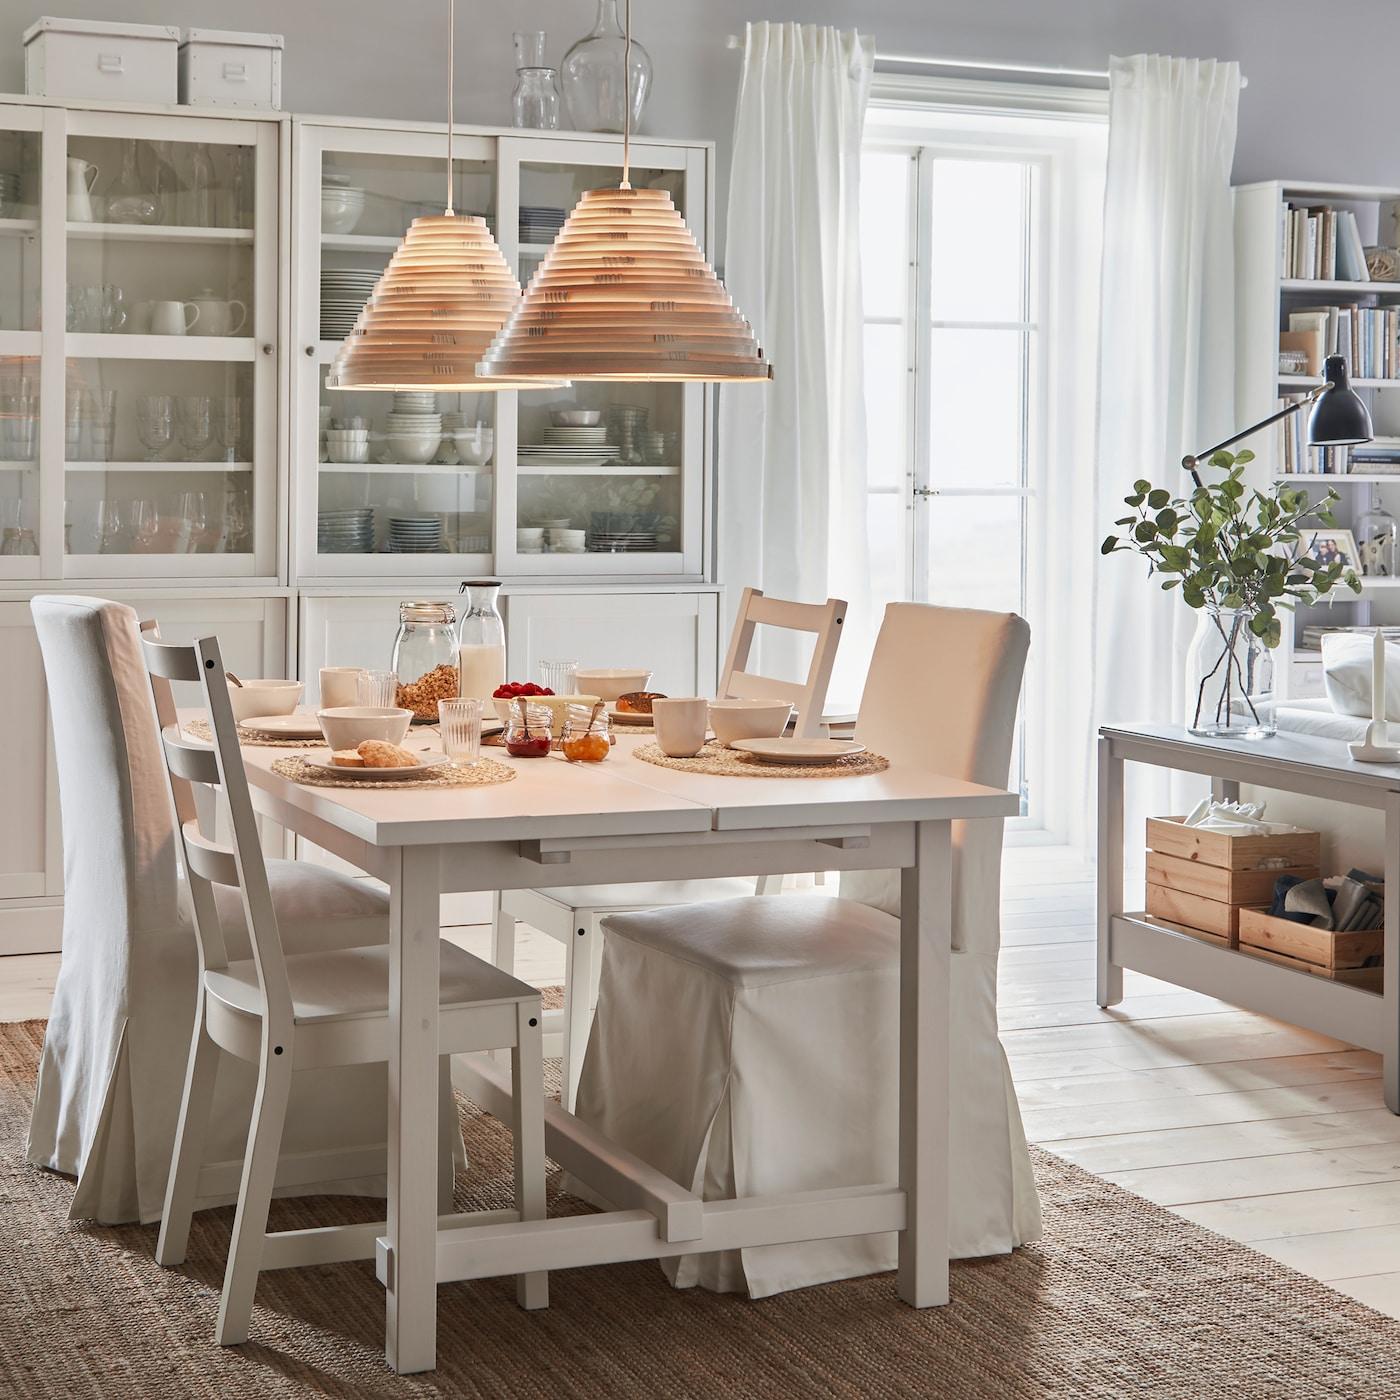 Una zona pranzo da vivere in compagnia IKEA IT